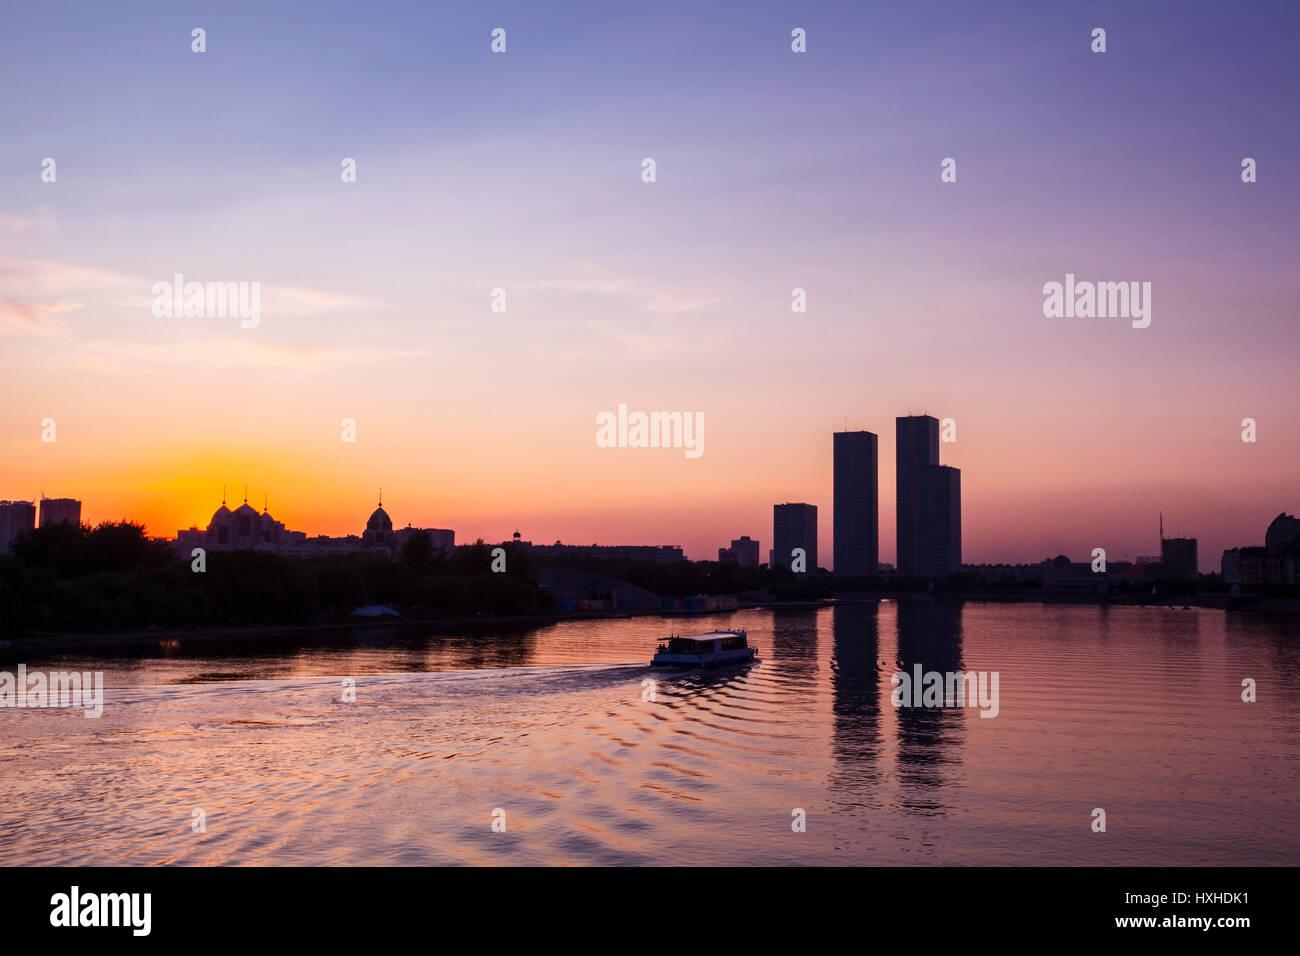 Astana, remblai de la rivière Ichim. D'Astana. Kazakhstan Banque D'Images